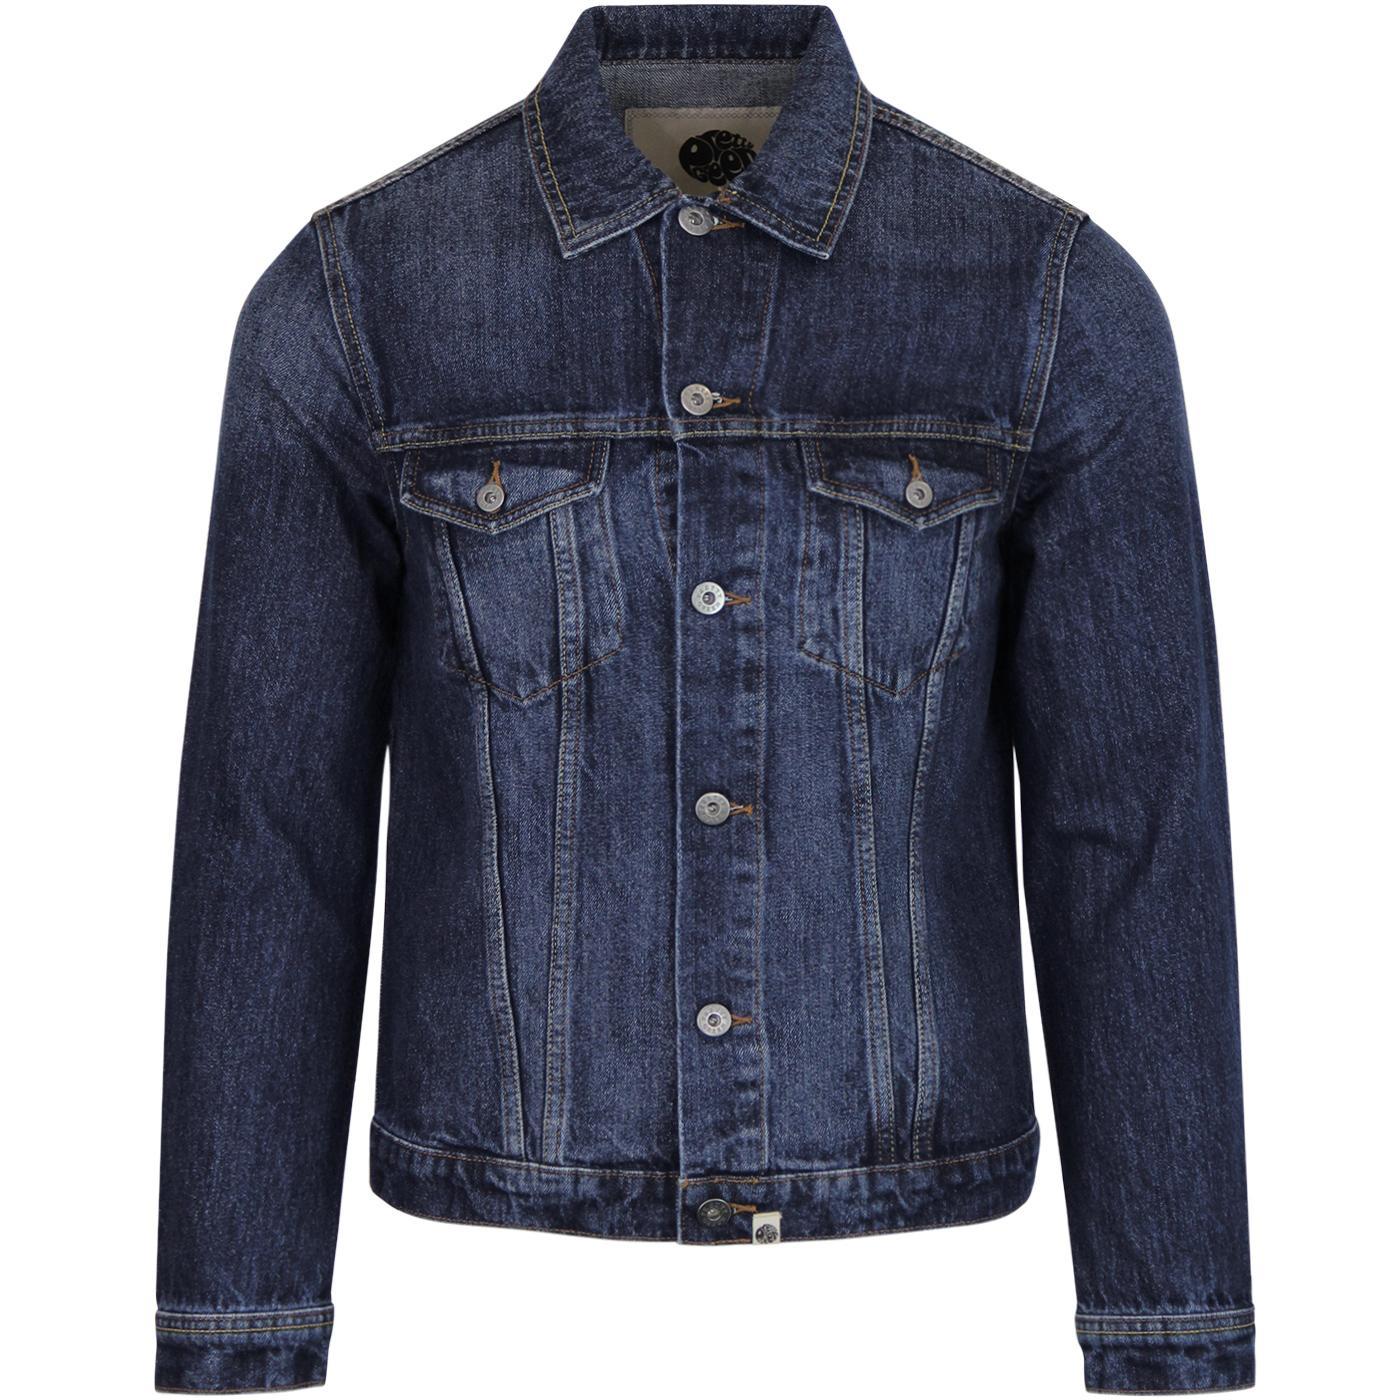 PRETTY GREEN Retro Mod Denim Western Jacket (Blue)